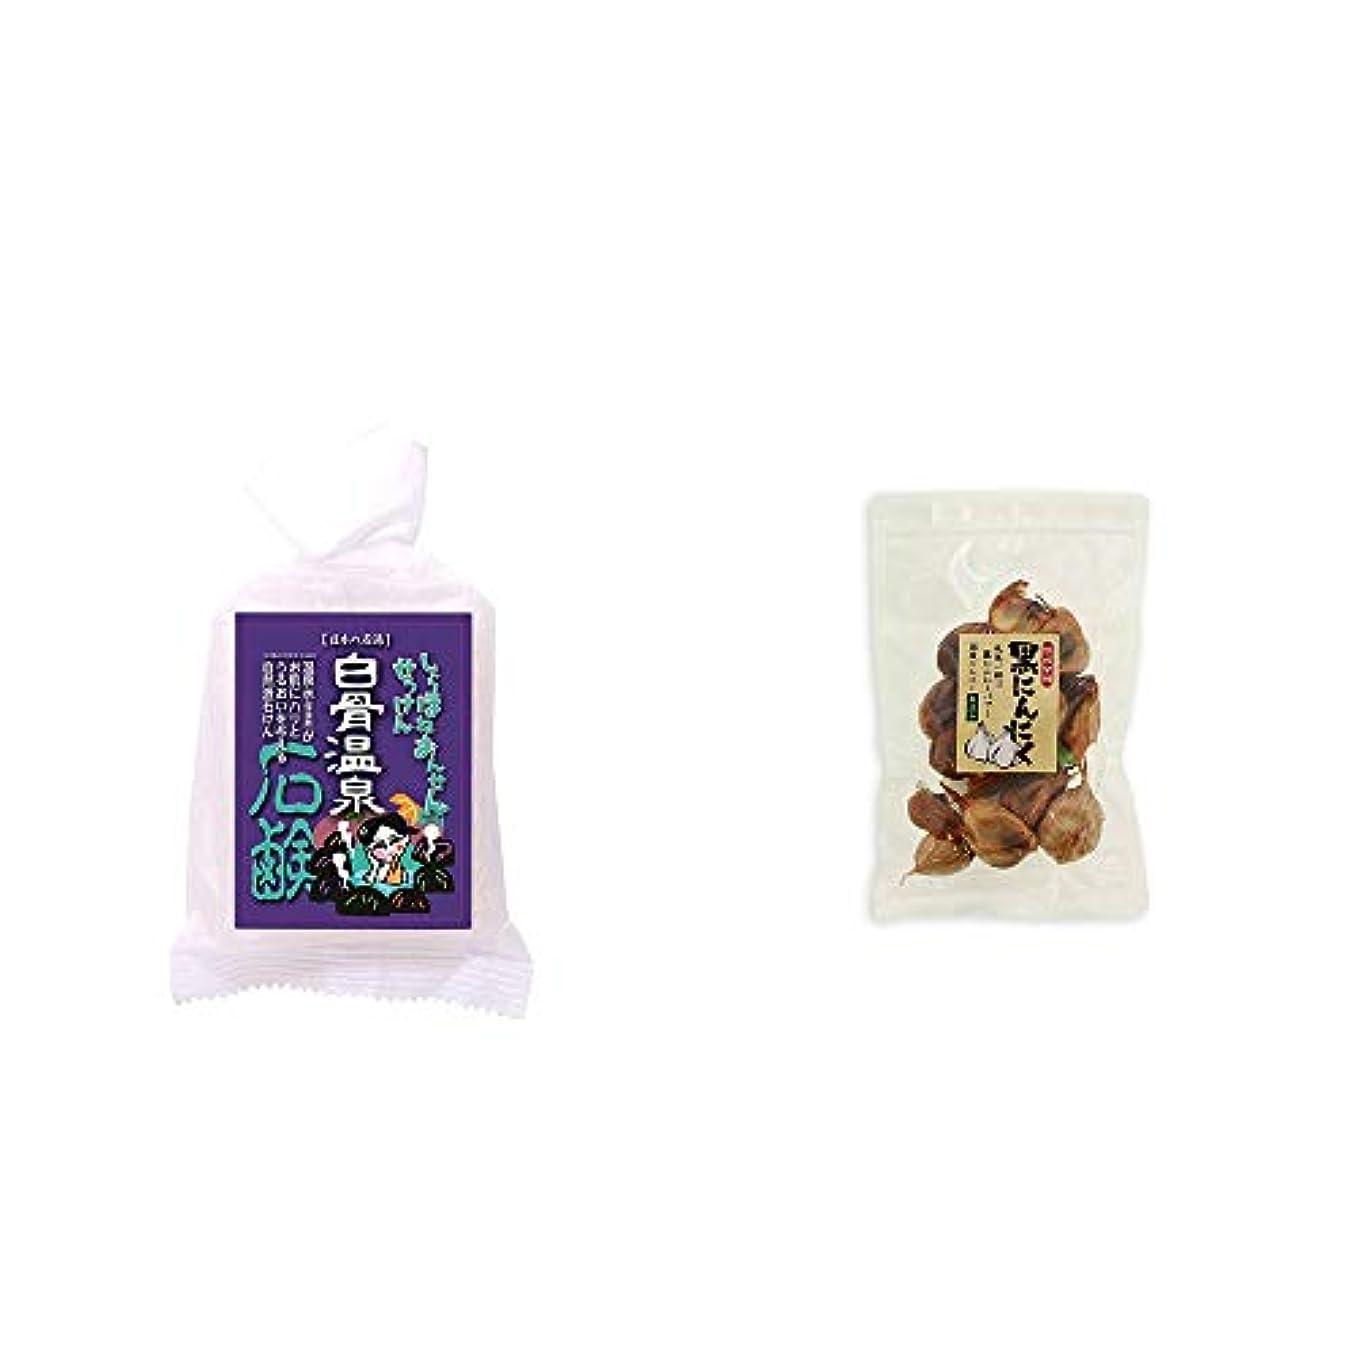 平日高くカエル[2点セット] 信州 白骨温泉石鹸(80g)?熟成発酵 黒にんにく(120g)